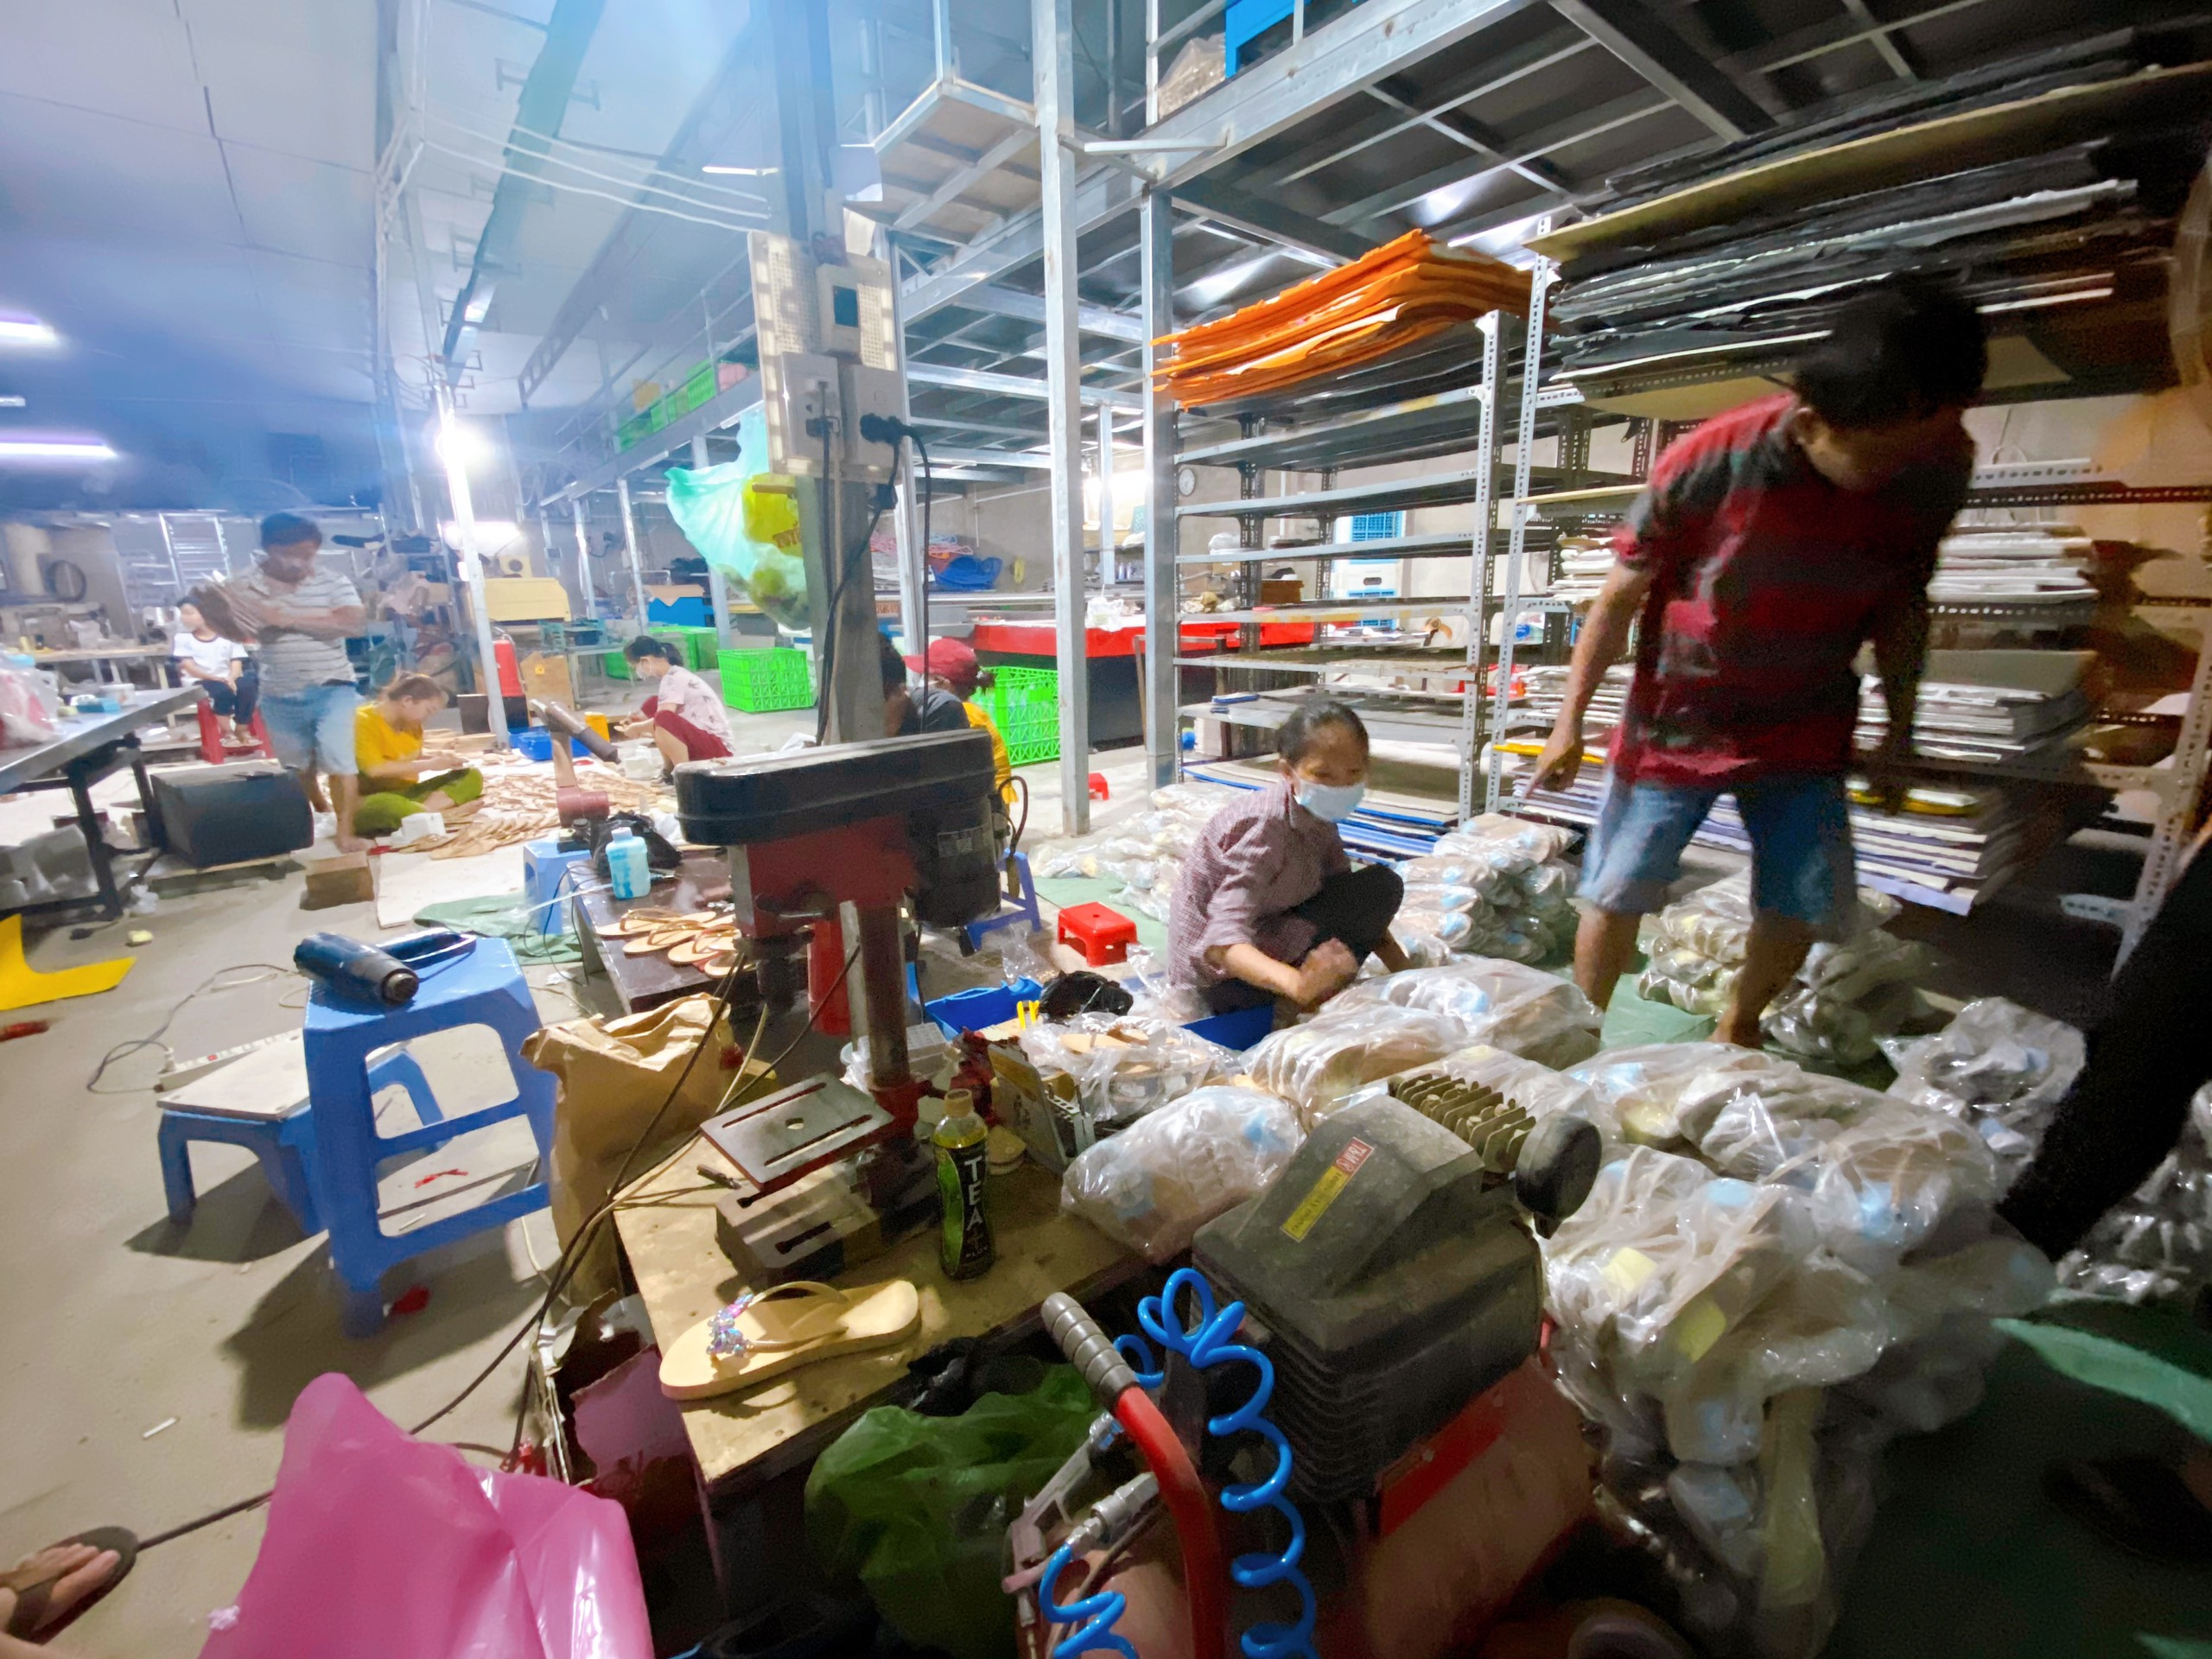 Tiêu chí chọn đơn vị sản xuất giày dép theo yêu cầu uy tín